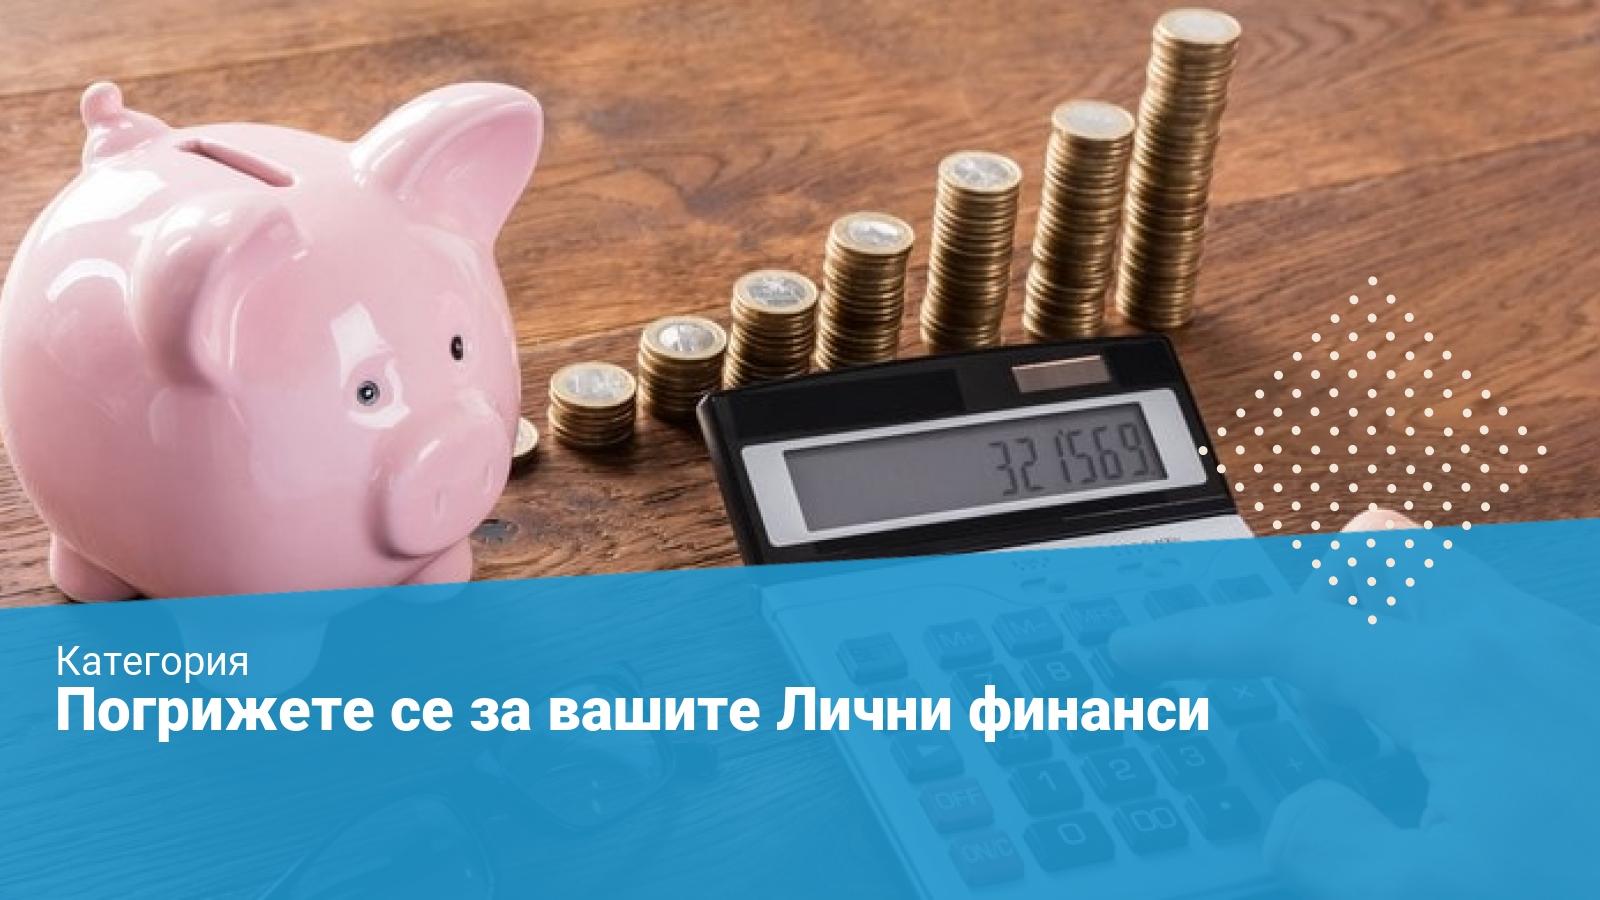 лични финанси